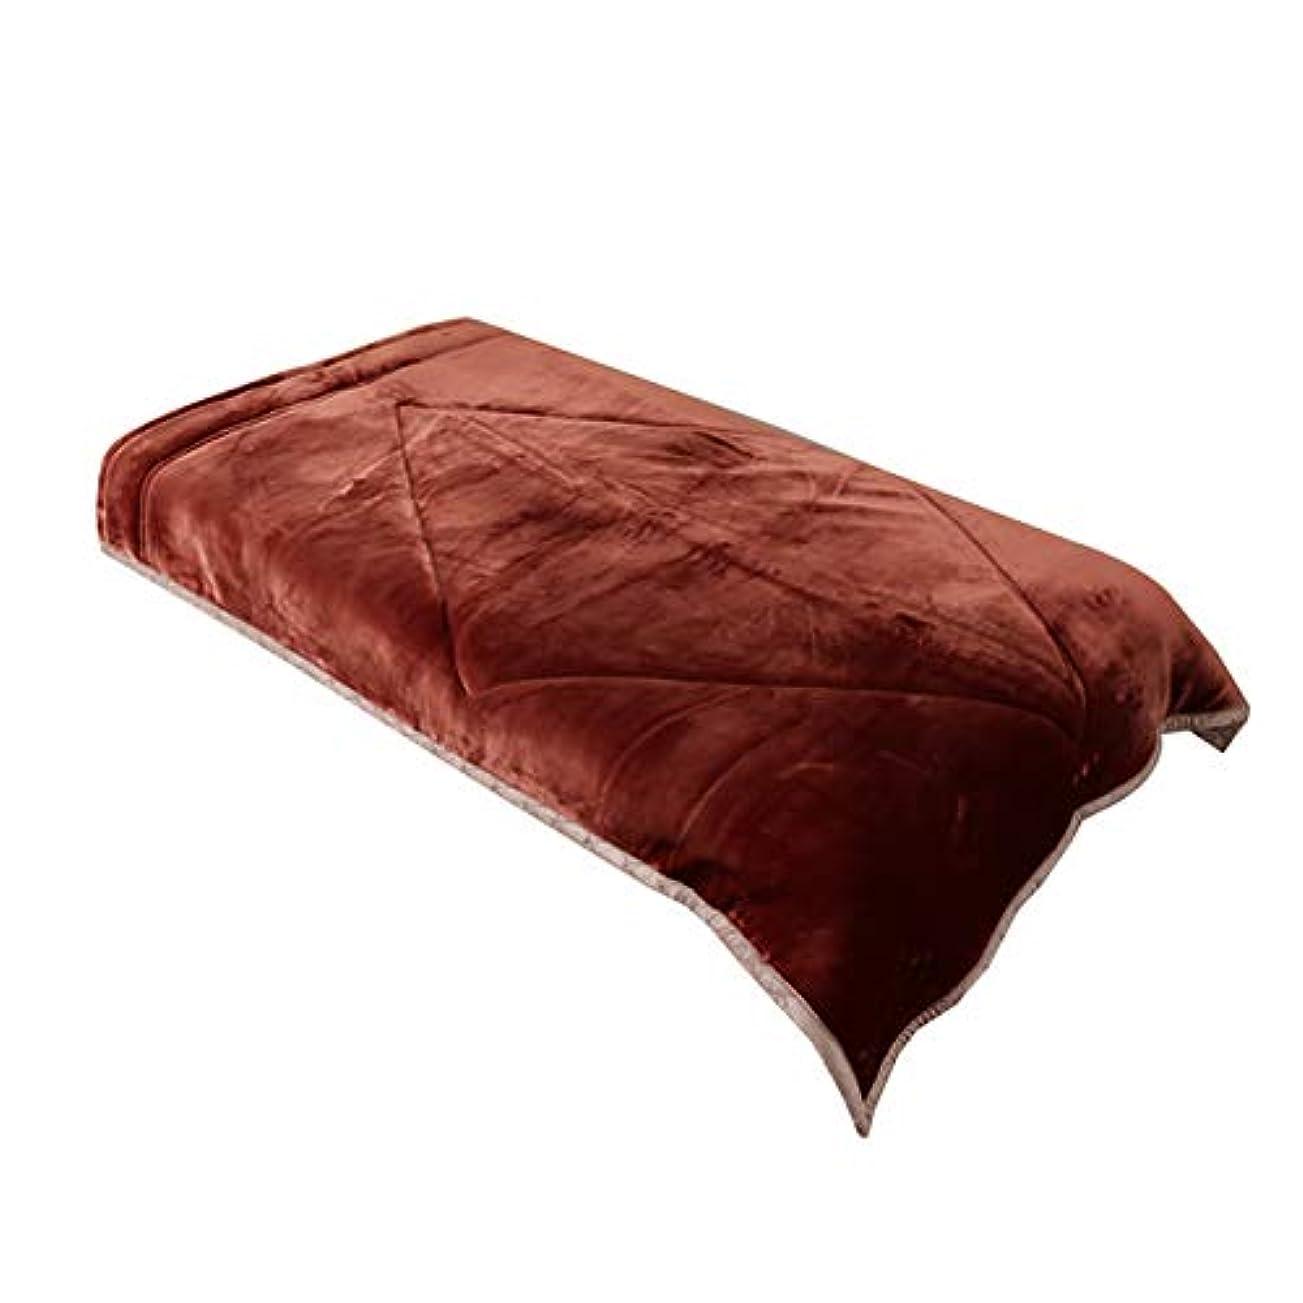 海洋の抽象化ピアニスト毛布 TEIJIN V-lap(R) あったかブランケット シングル/ブラウン